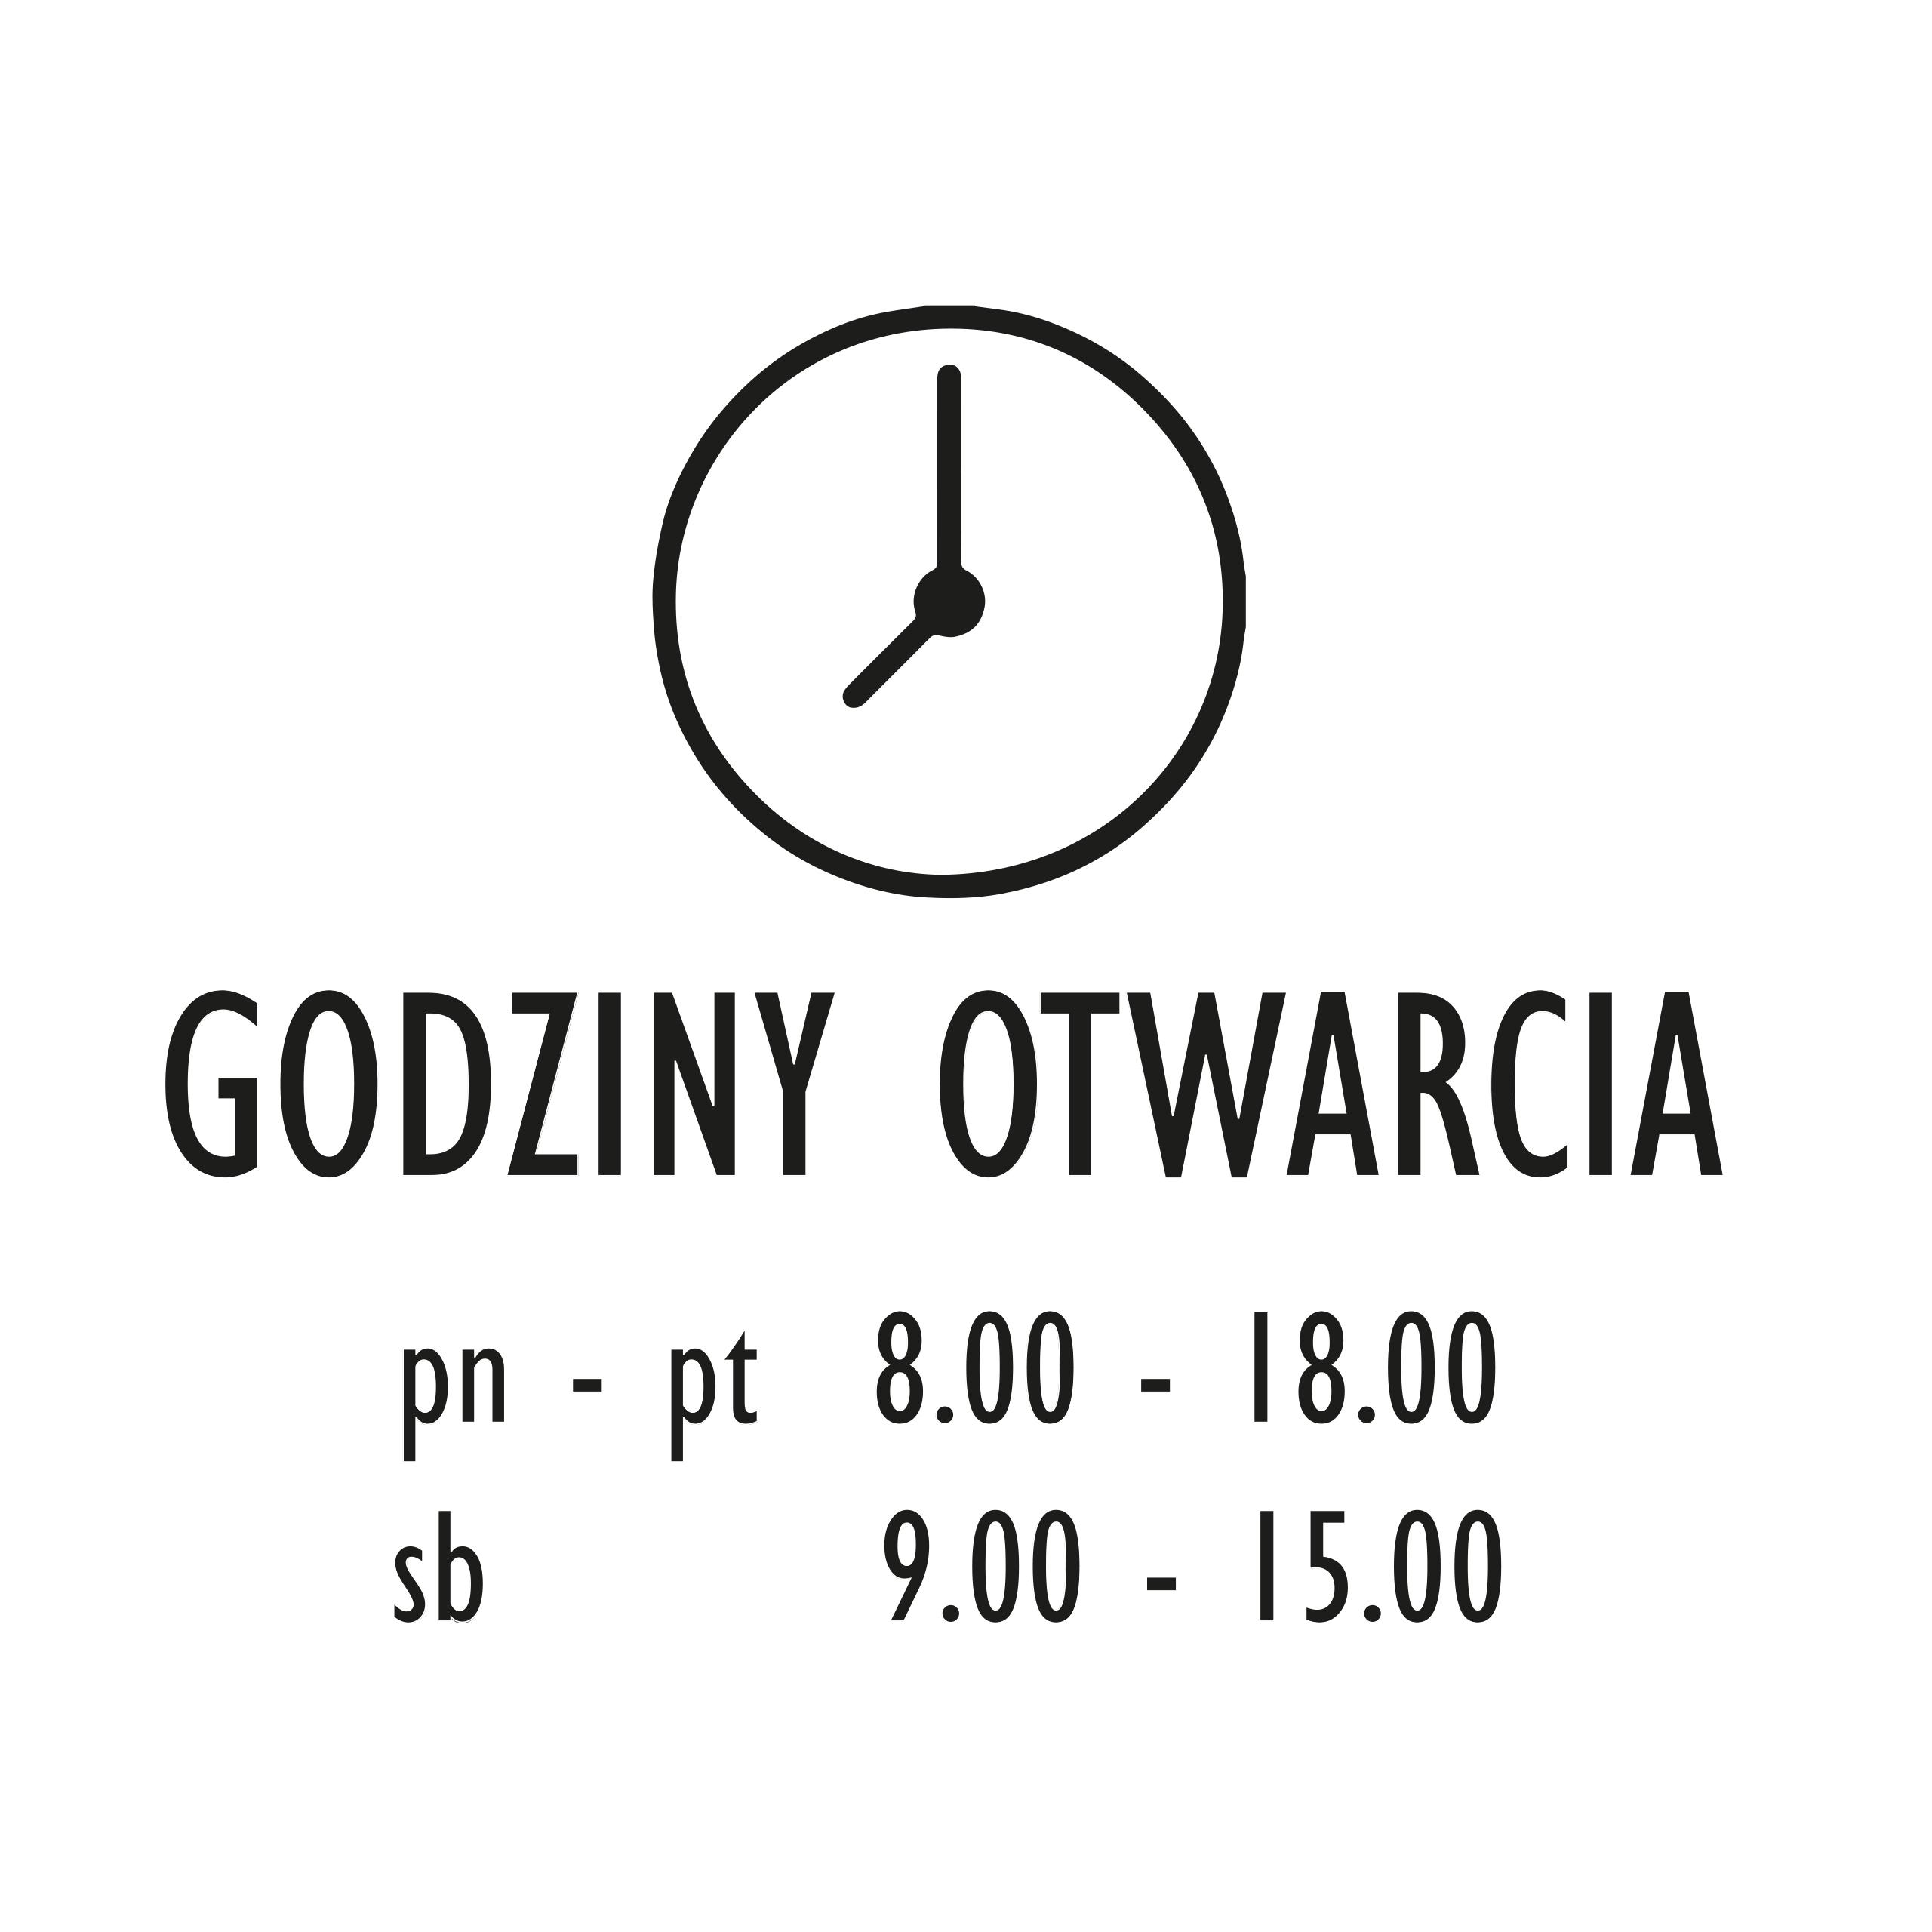 36d94aa559c0ab Godziny Otwarcia na Sklep szybę Naklejka Czynne !! 6719930548 - Allegro.pl